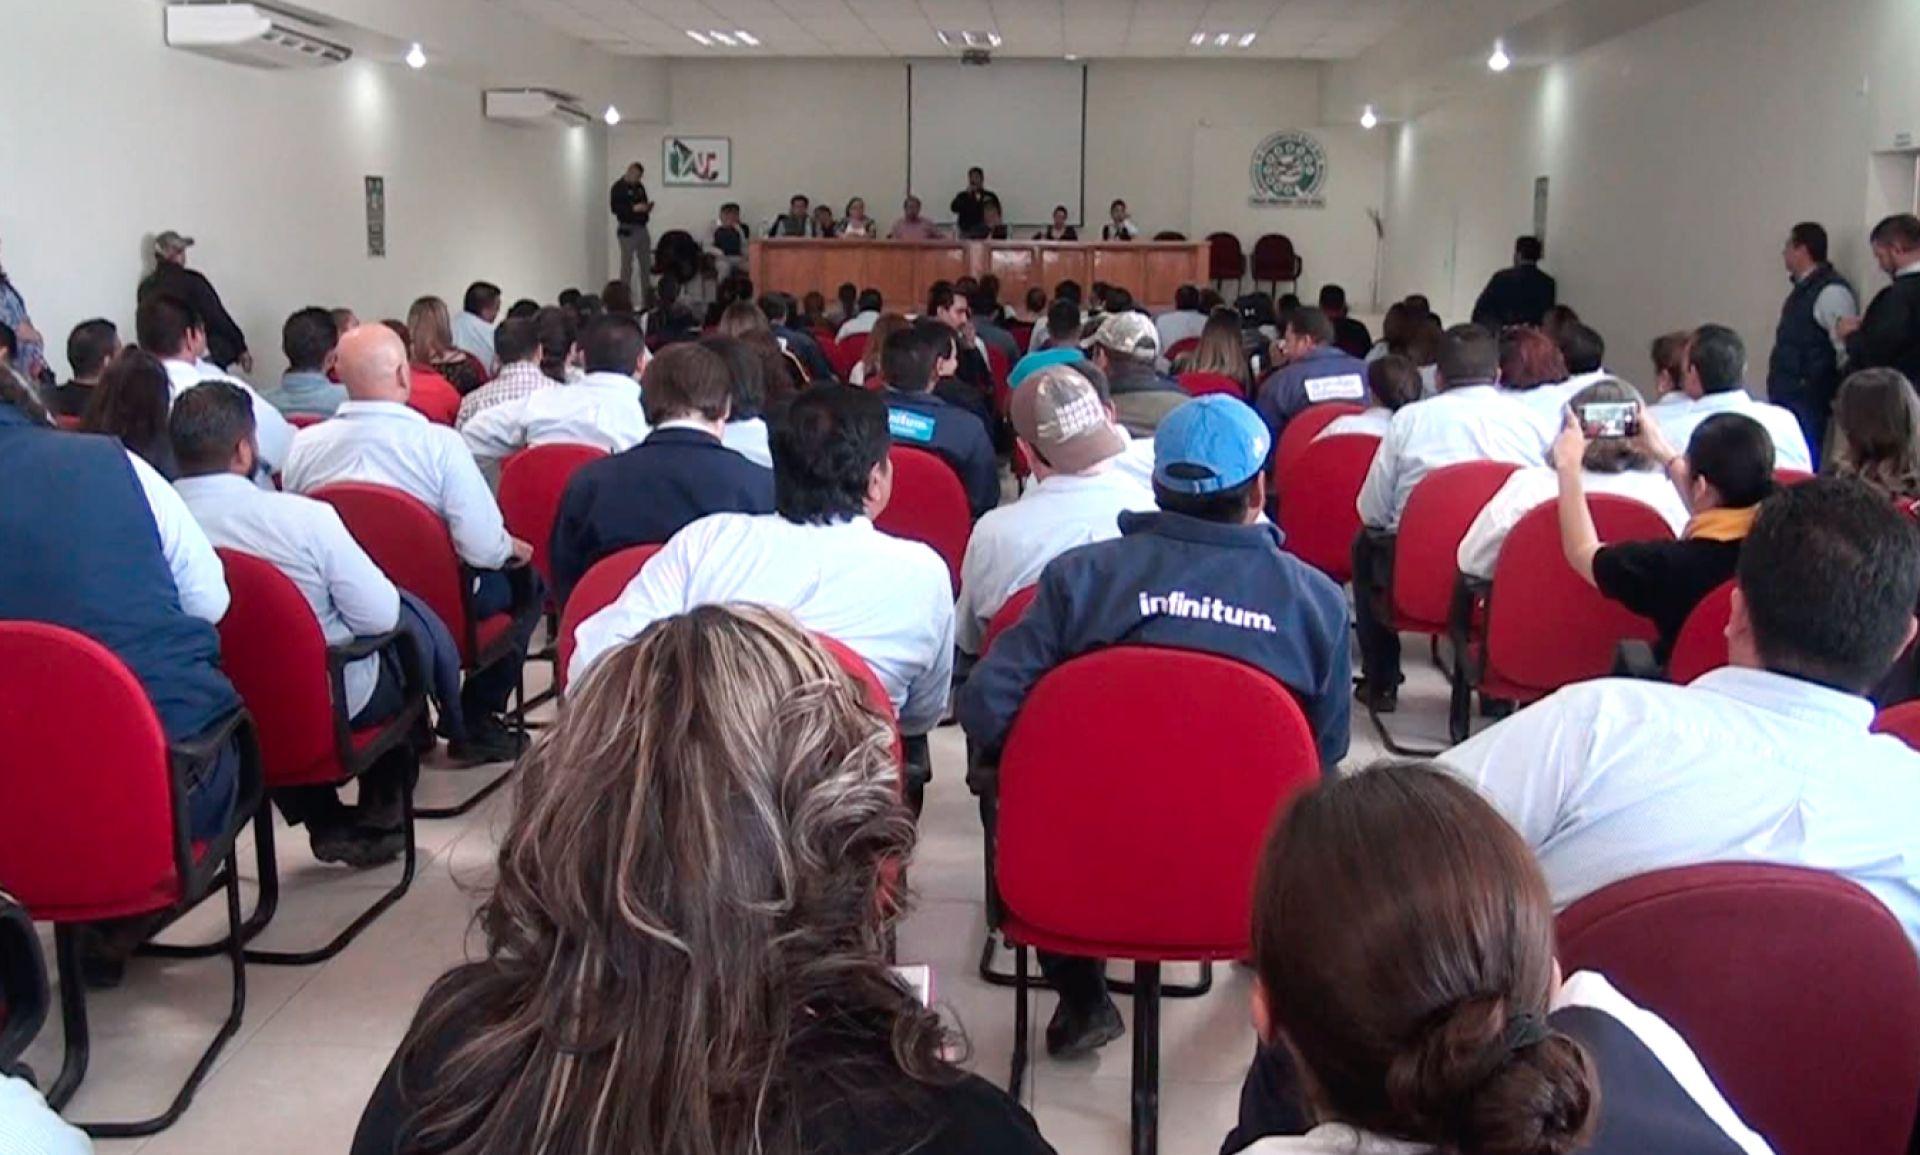 Huelga en Telmex a la vista, advierten